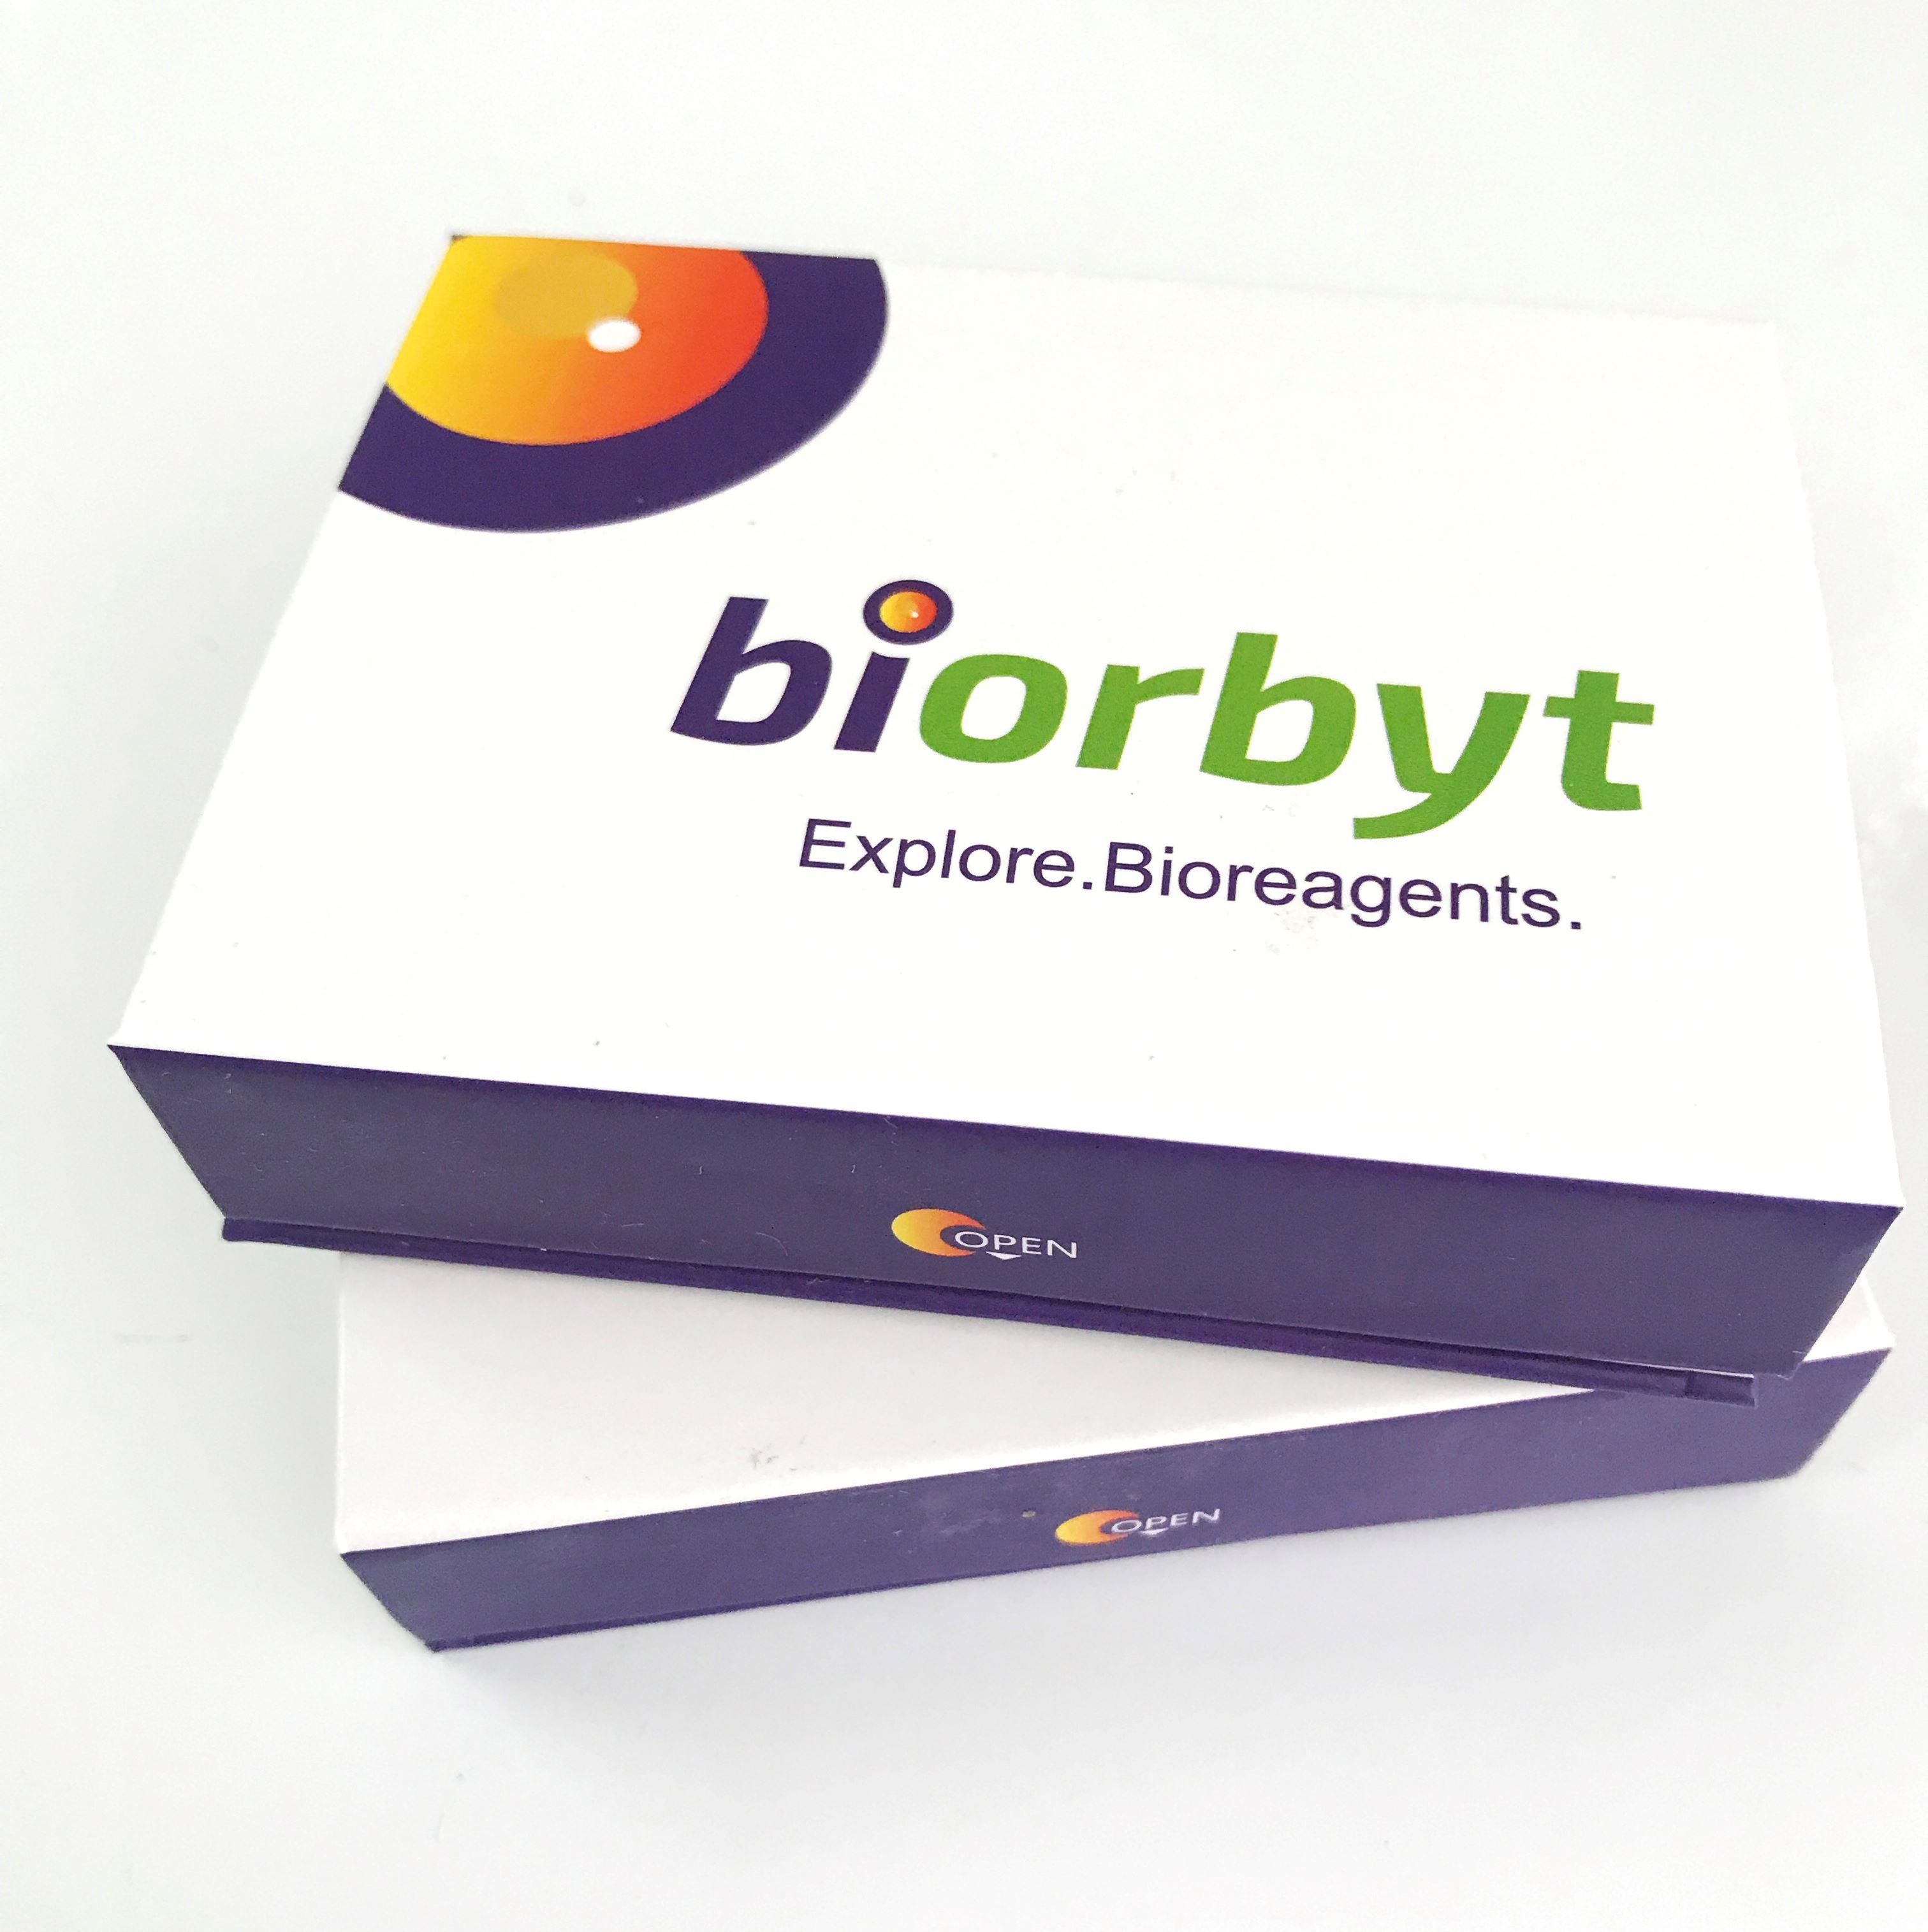 tdTomato antibody,orb182397,biorbyt